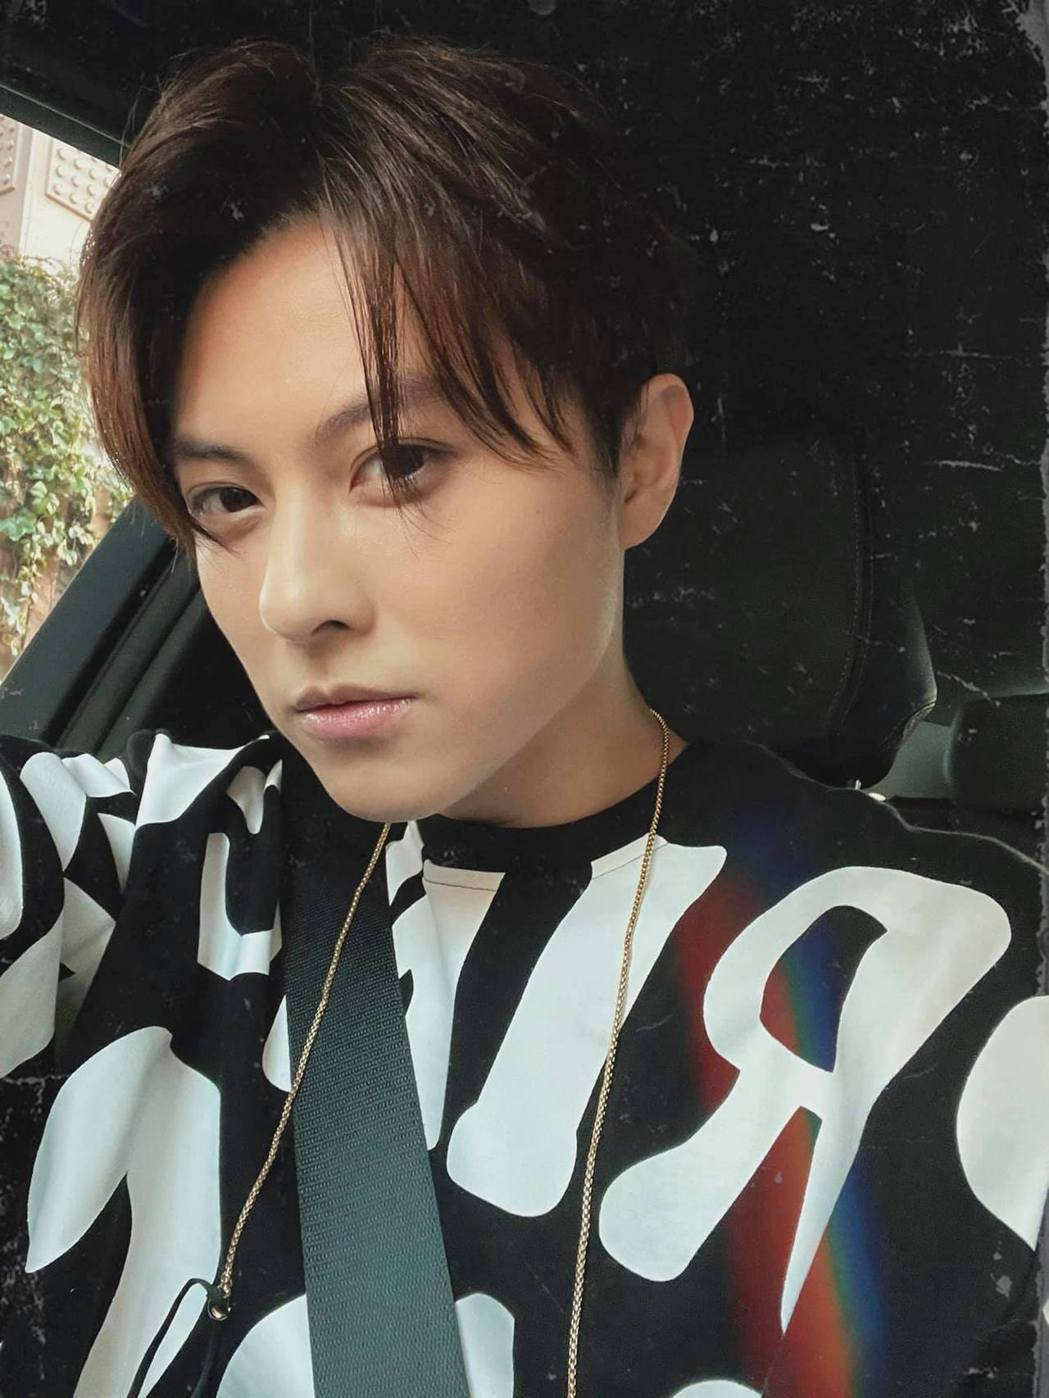 邱勝翊(王子)被港媒爆料因為生性愛玩,才會和鄧麗欣分手。圖/摘自臉書